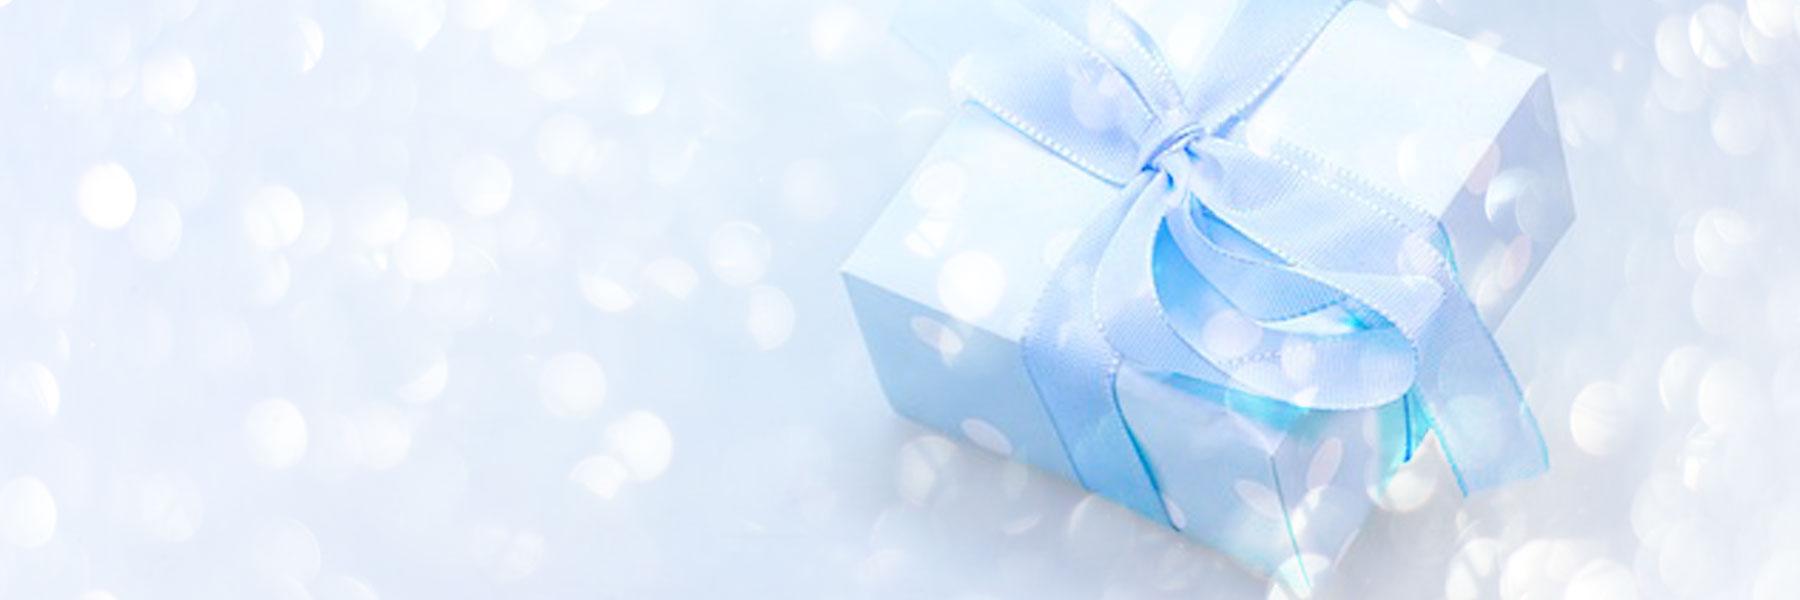 Checkliste-beste-Marken-f%C3%BCr-Geschenke-zu-Weihnachten_1800x600.jpg